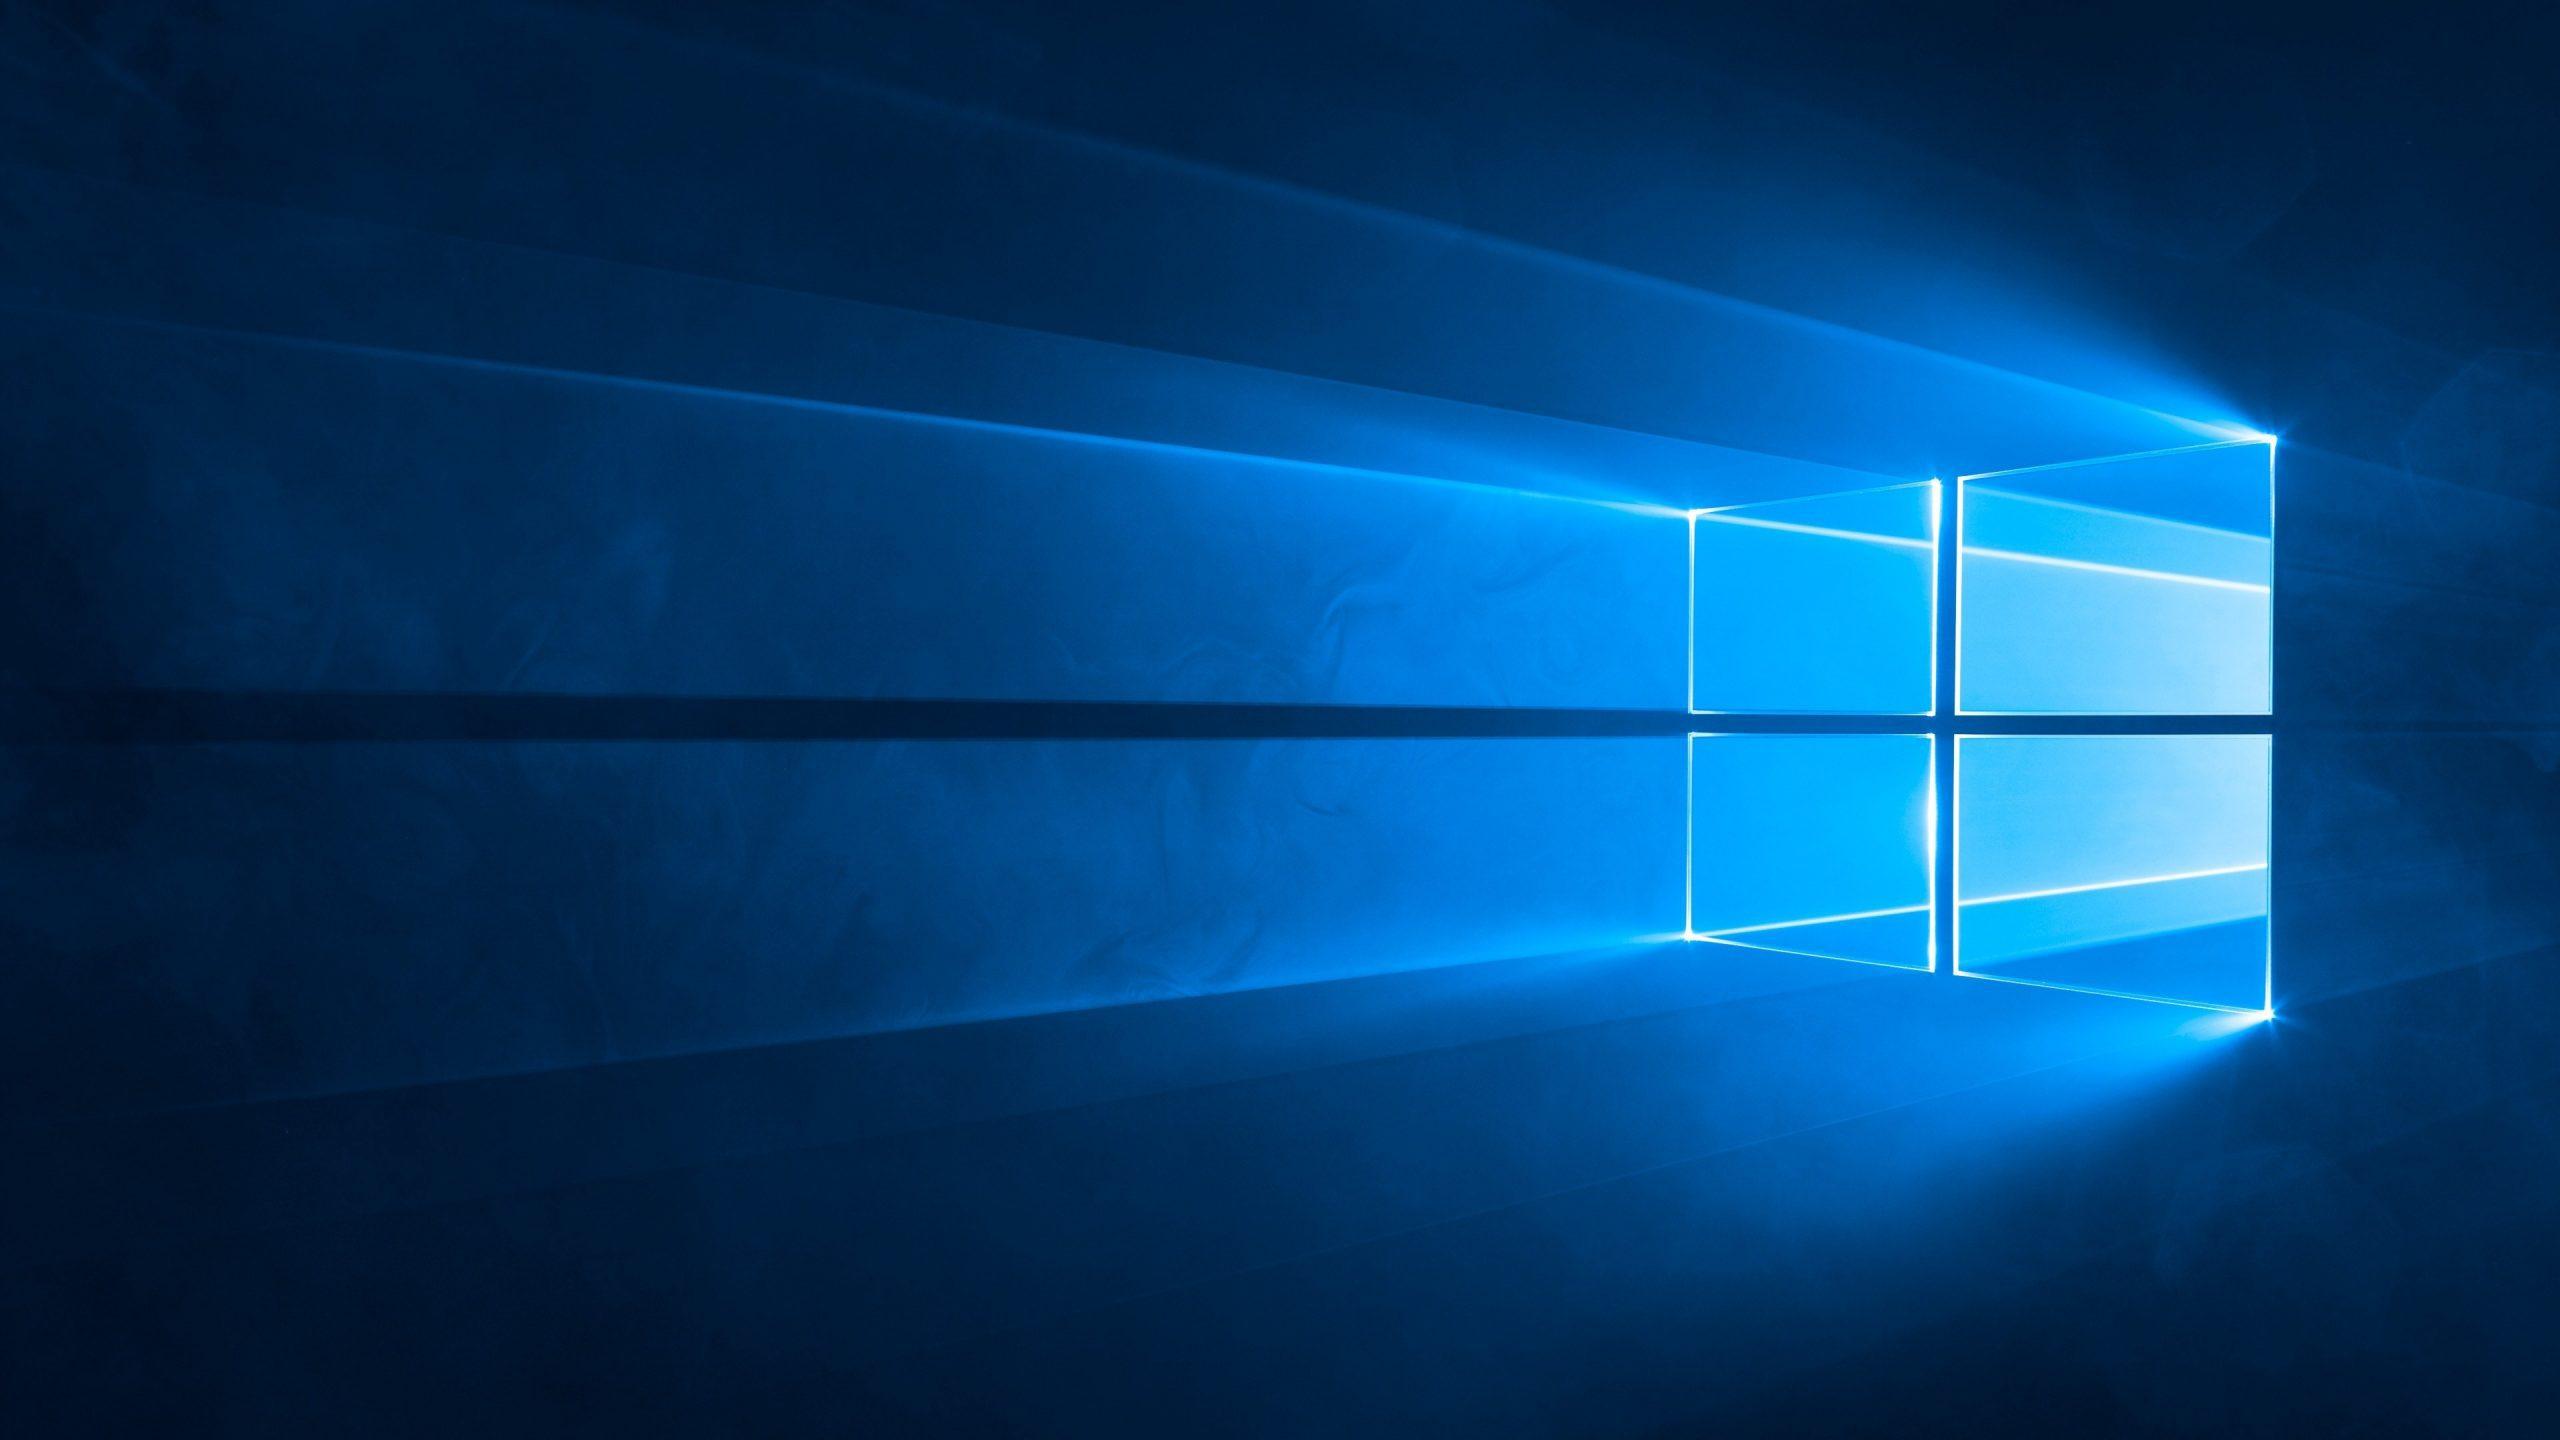 آپدیت الحاقی جدید برای ویندوز 10 Fall Creators آماده عرضه شد